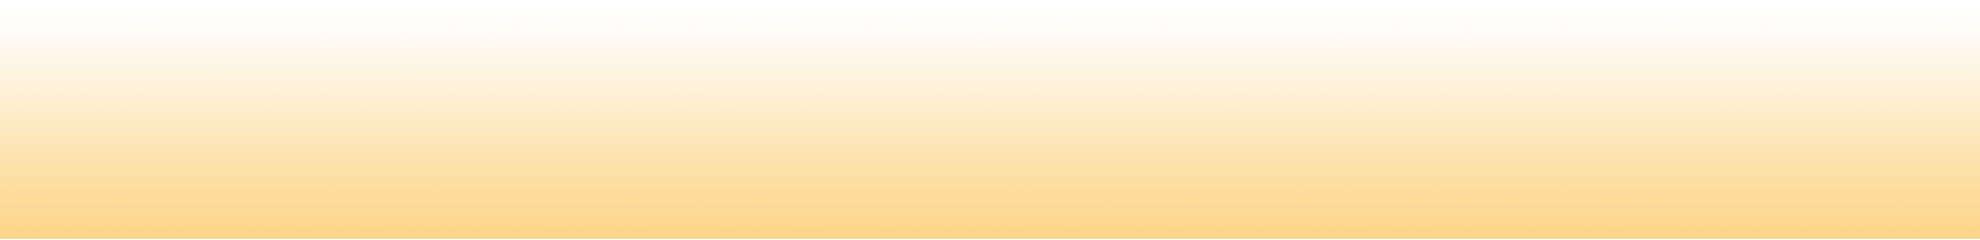 S0-Recorder: Ein Programm zum Auslesen von bis zu 32 Stromzählern vom Typ Modbus, D0, EDL, SML und S0